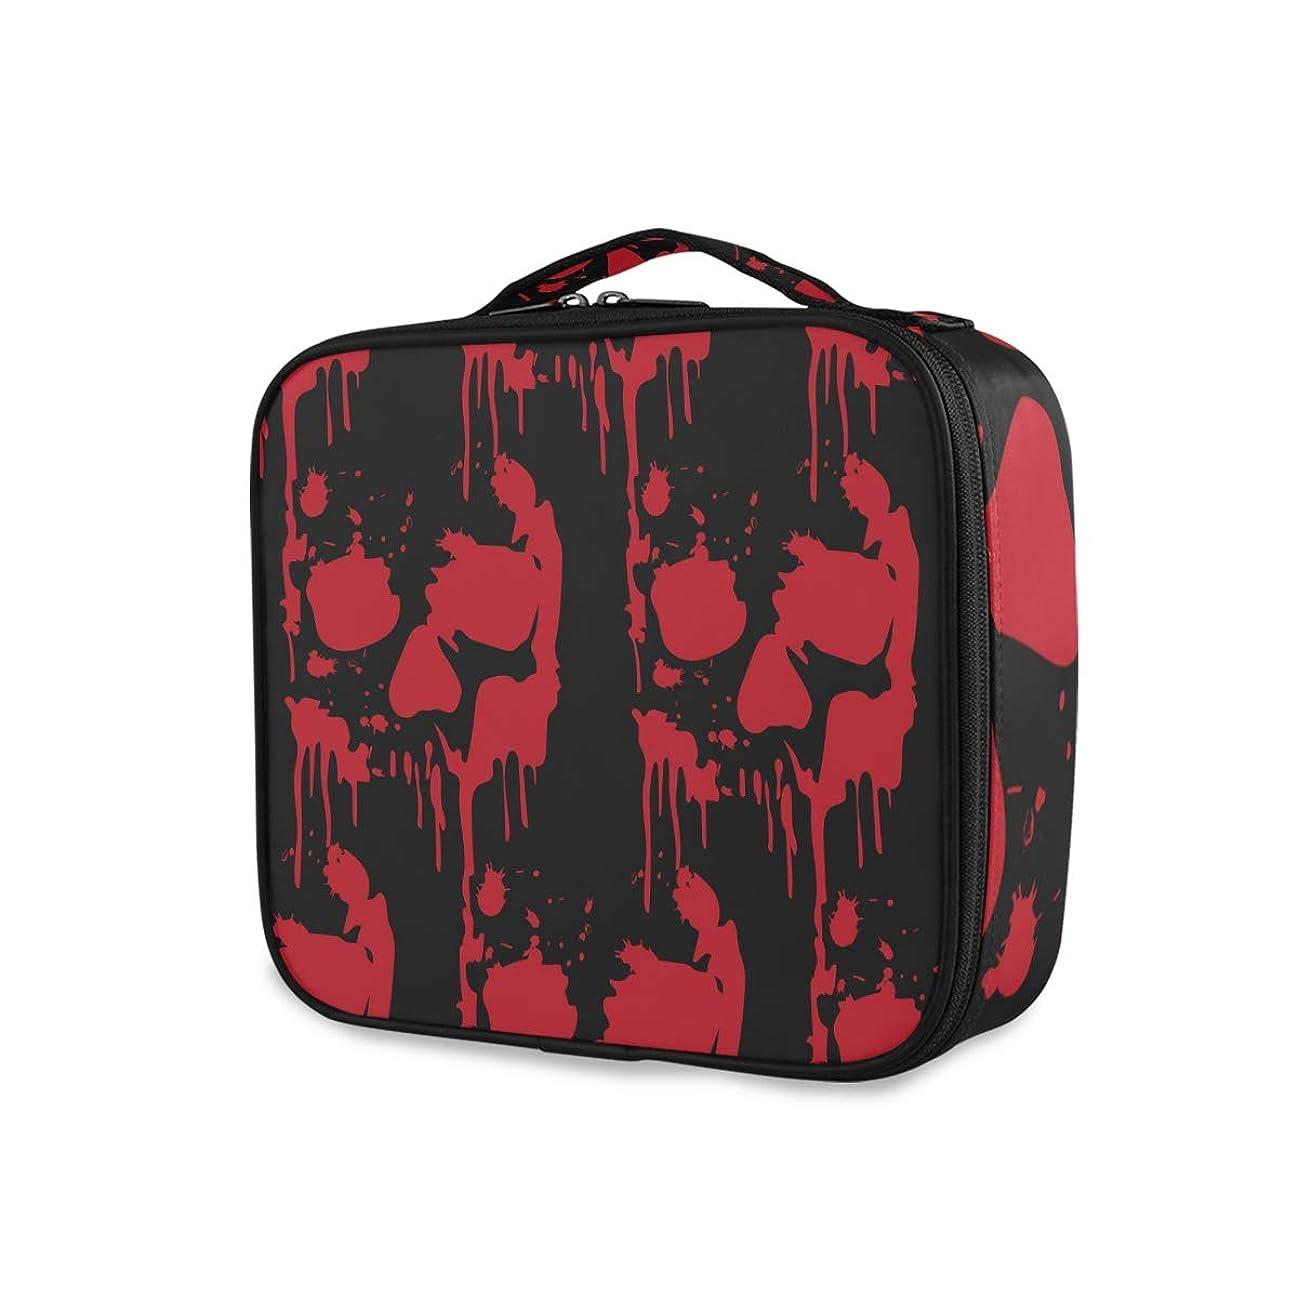 統計的気を散らすポーズメイクボックス かっこいい 大容量 収納 仕切り付き 収納ケース 機能性 小物入れ 旅行 通勤 化粧道具 高品質 メイク収納 整理 持ち運び